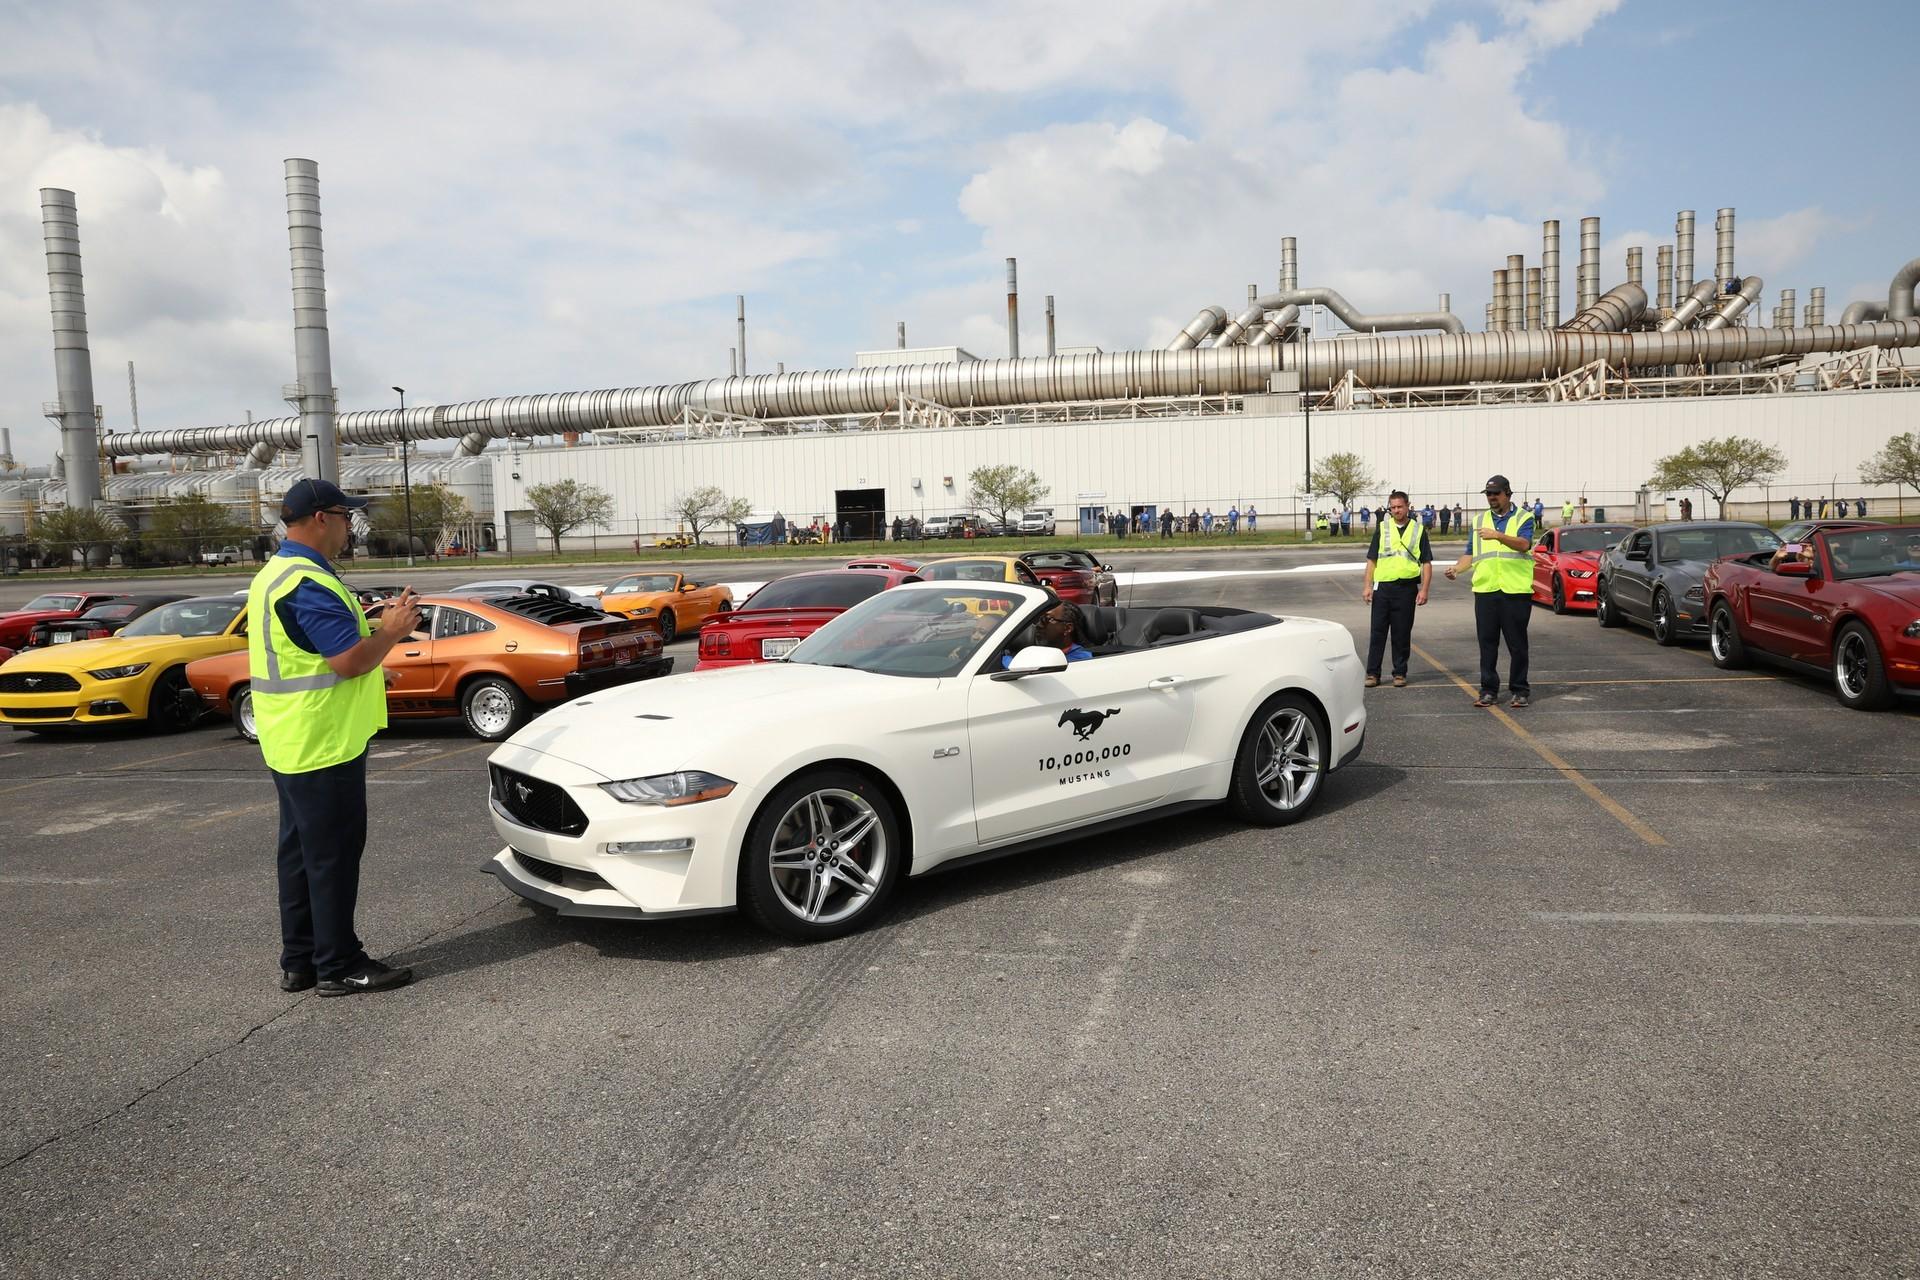 ί H Ford ύ 10 000 000 ή Mustang